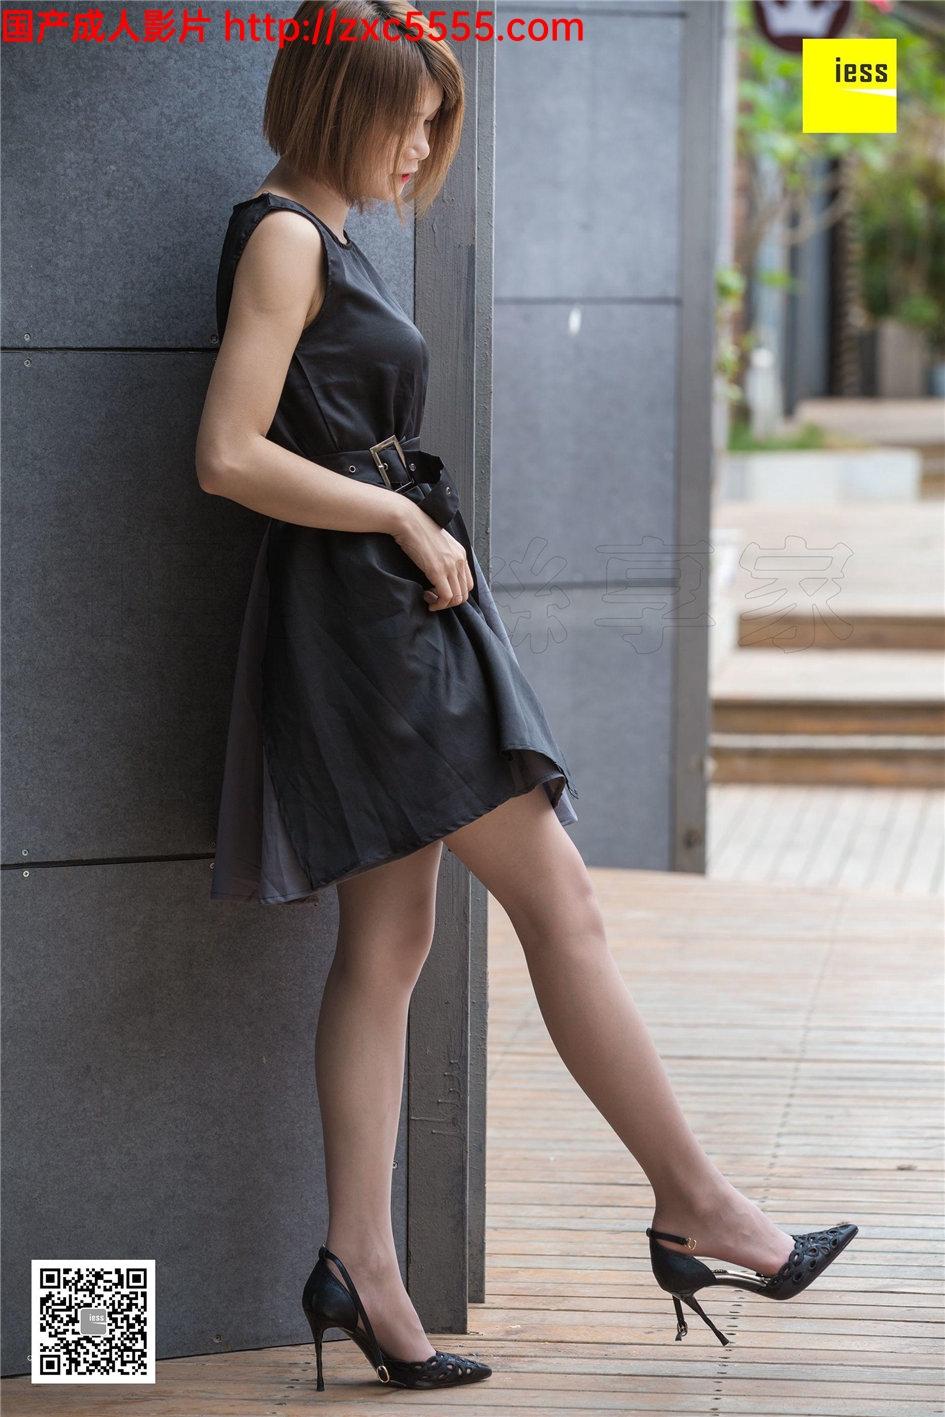 日韩成人色情图片_超薄透明丝袜美女街拍图片【21P】_丝袜诱惑-一级片-亚洲最大 ...